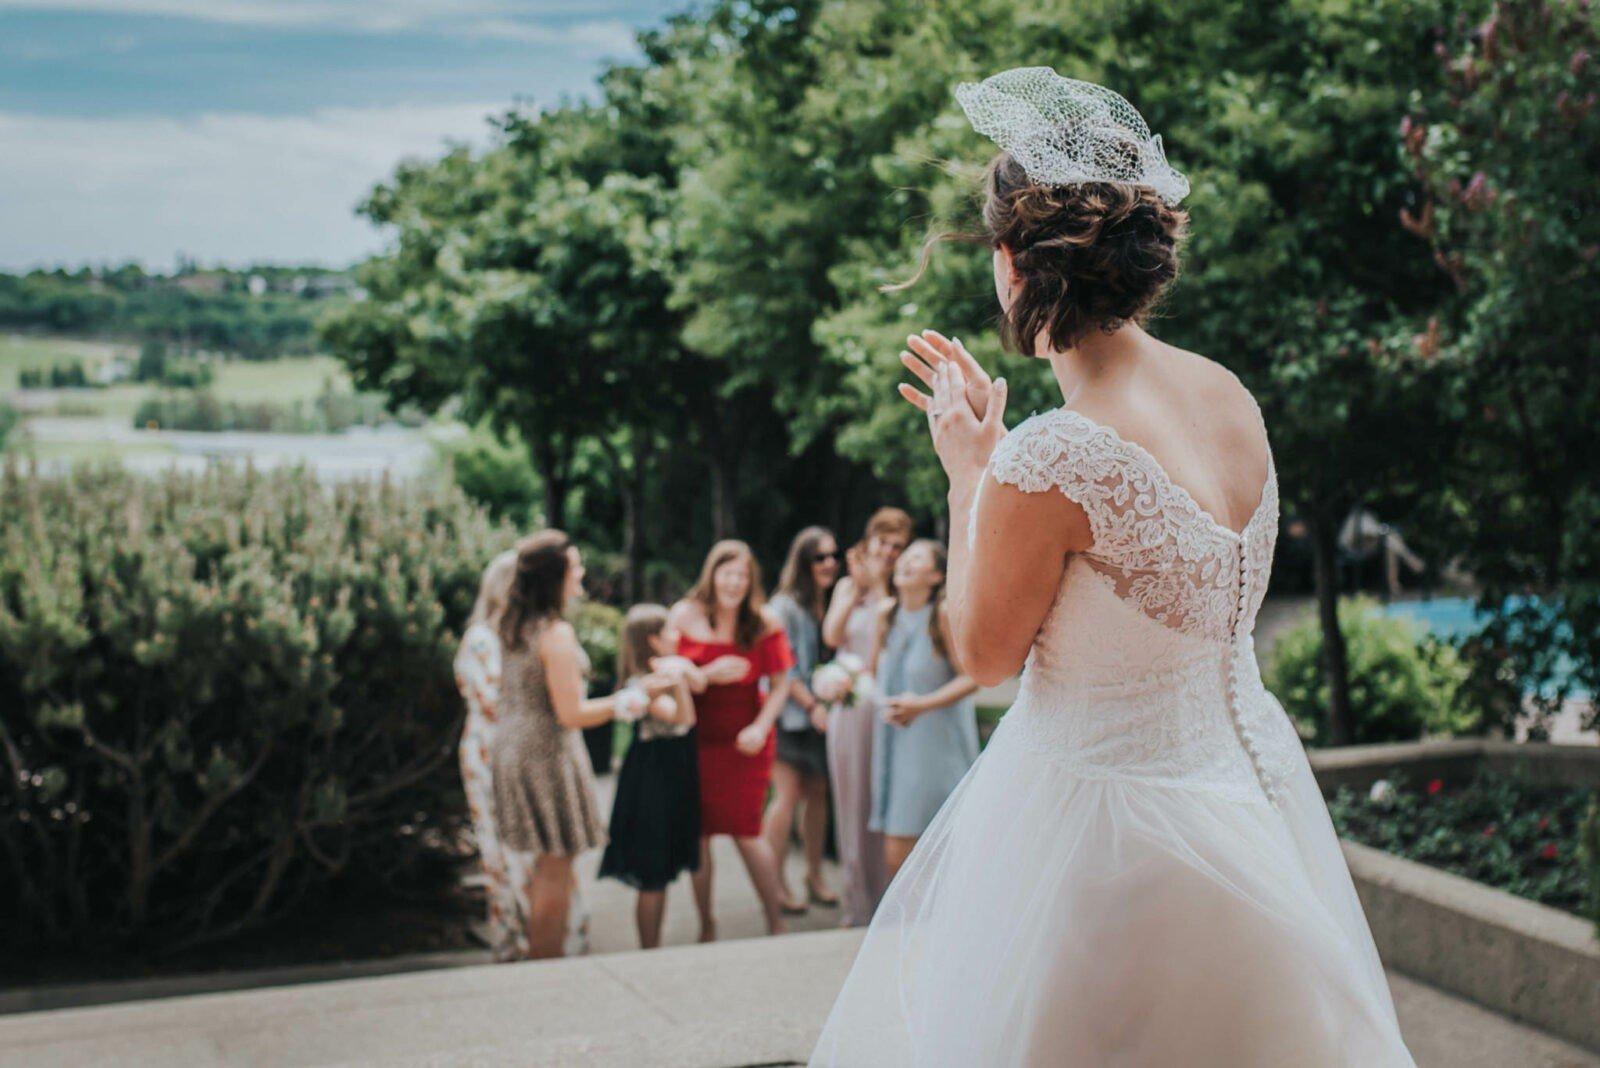 edmonton wedding bouquet toss